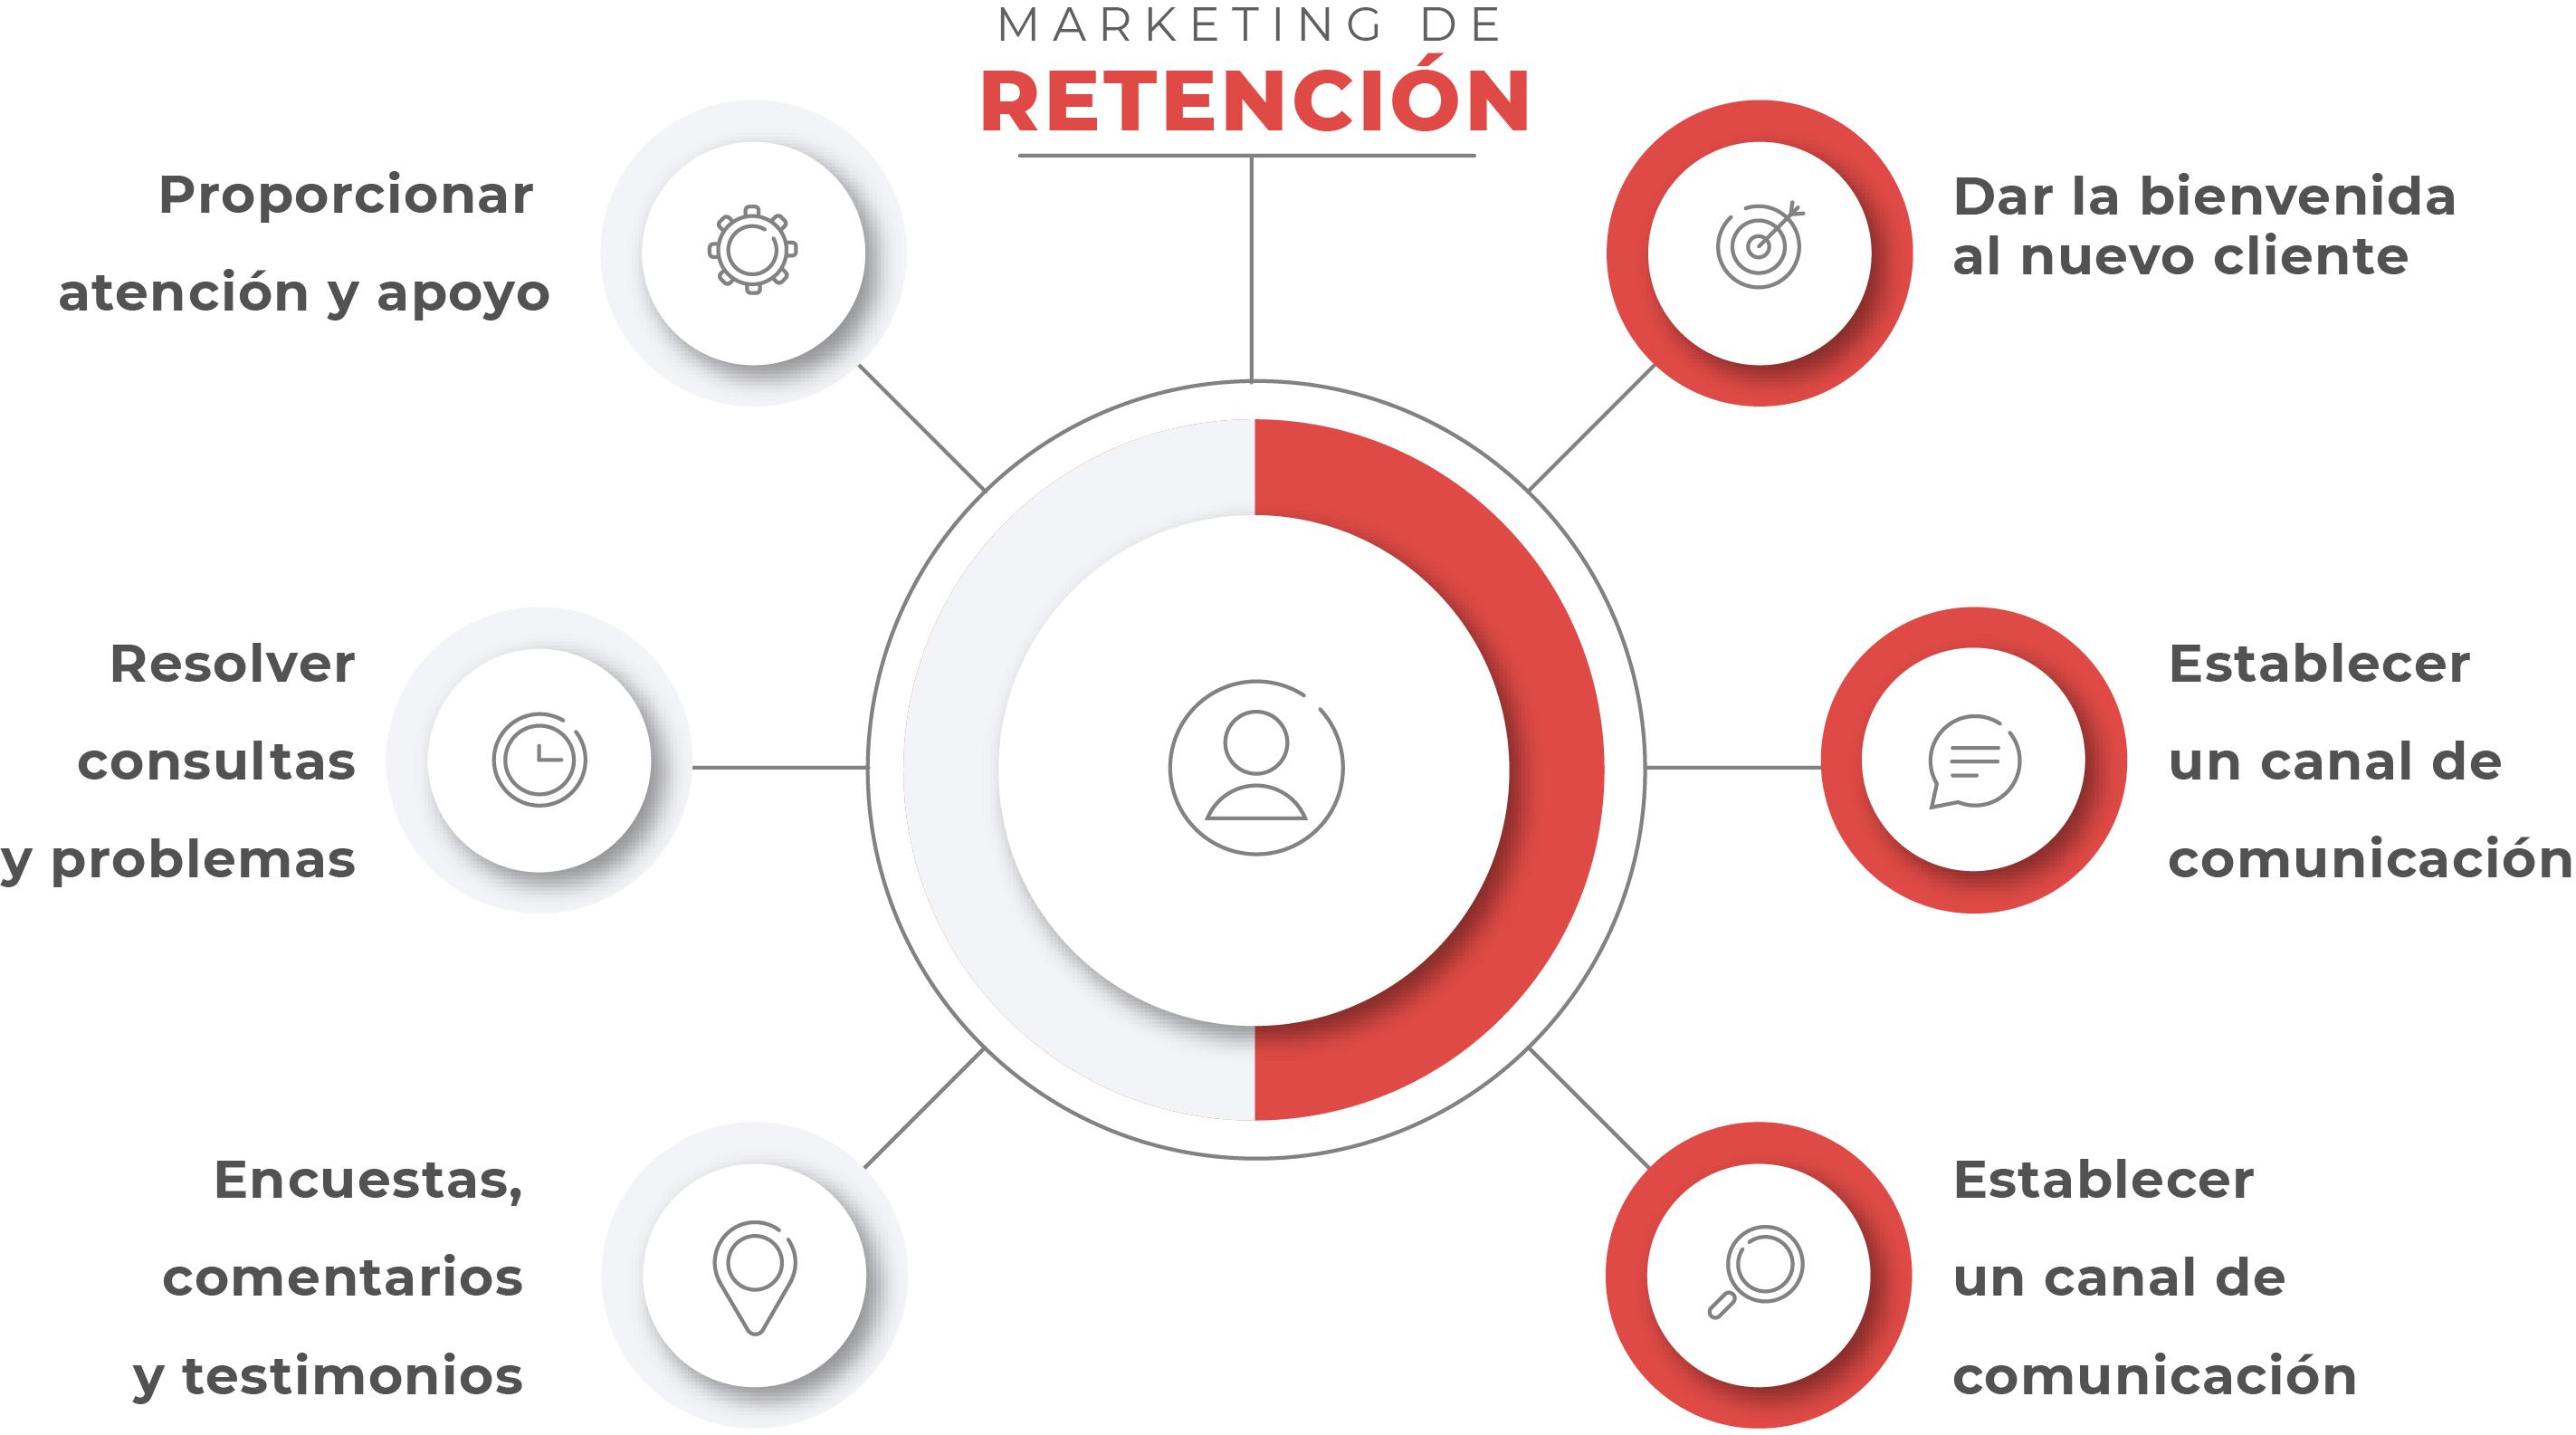 Proceso del Marketing de retención de clientes